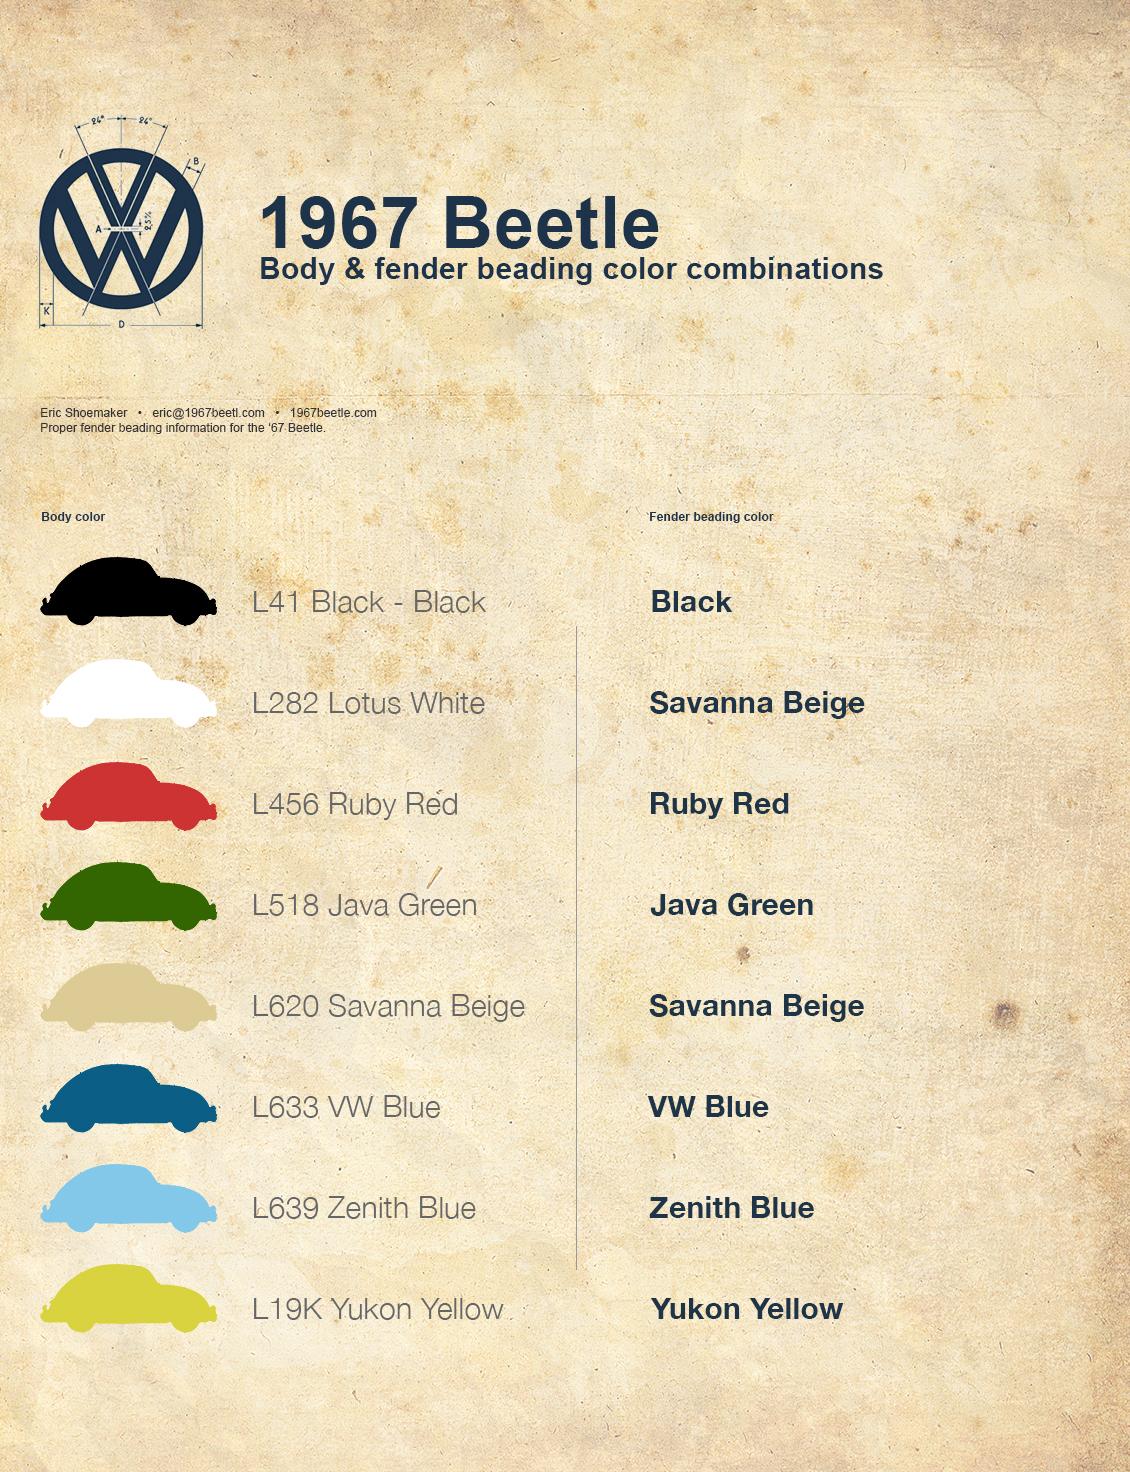 '67 Volkswagen Beetle — Correct Fender Beading Color Combinations